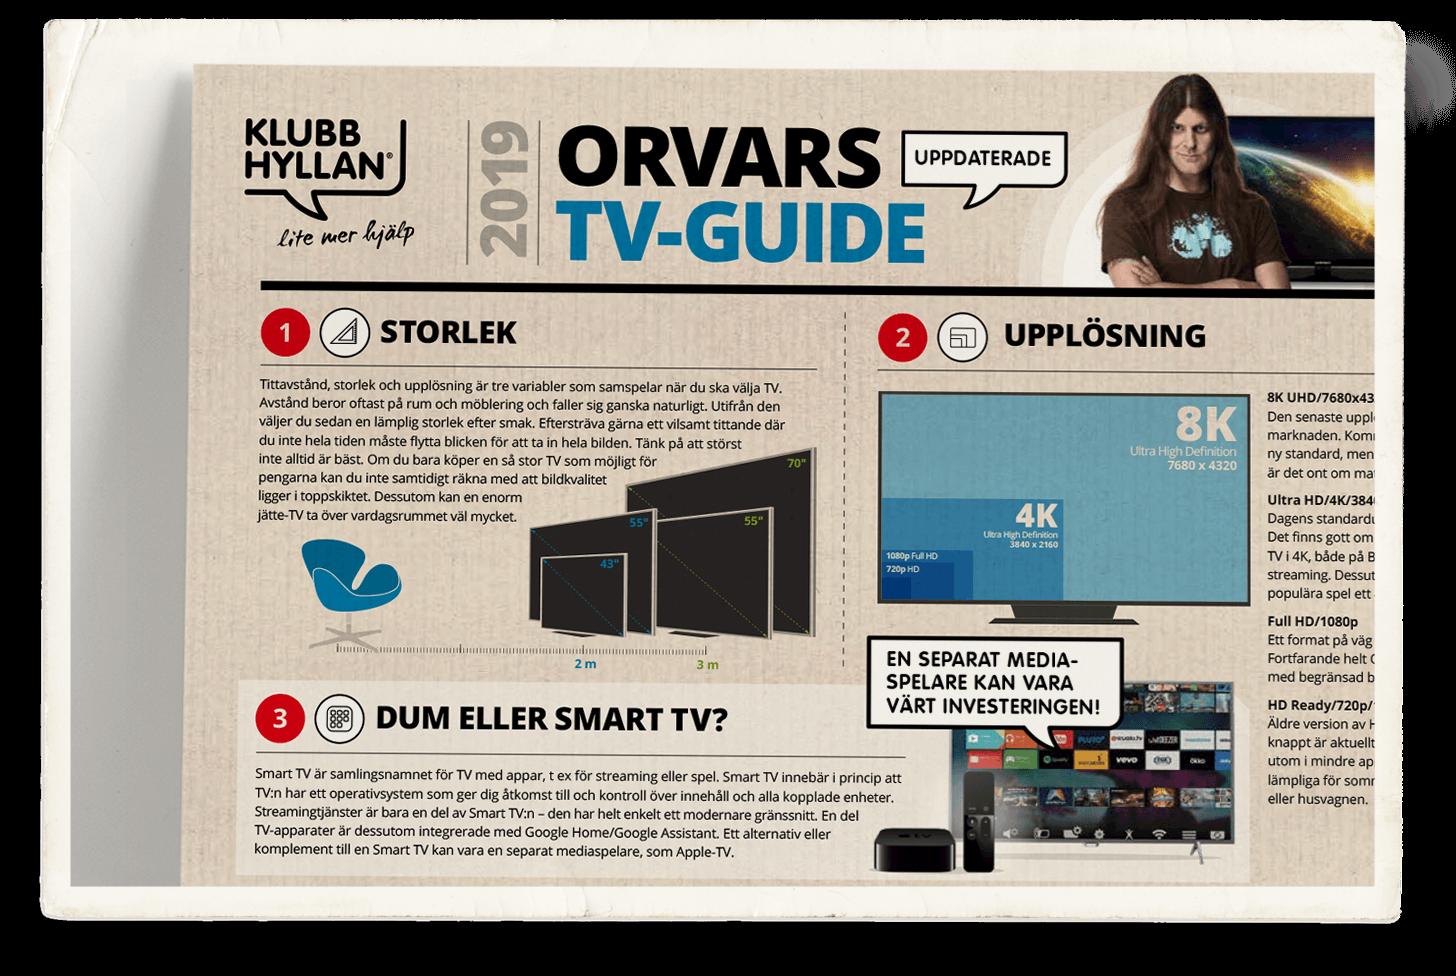 Orvars stora köpguide för TV-apparater